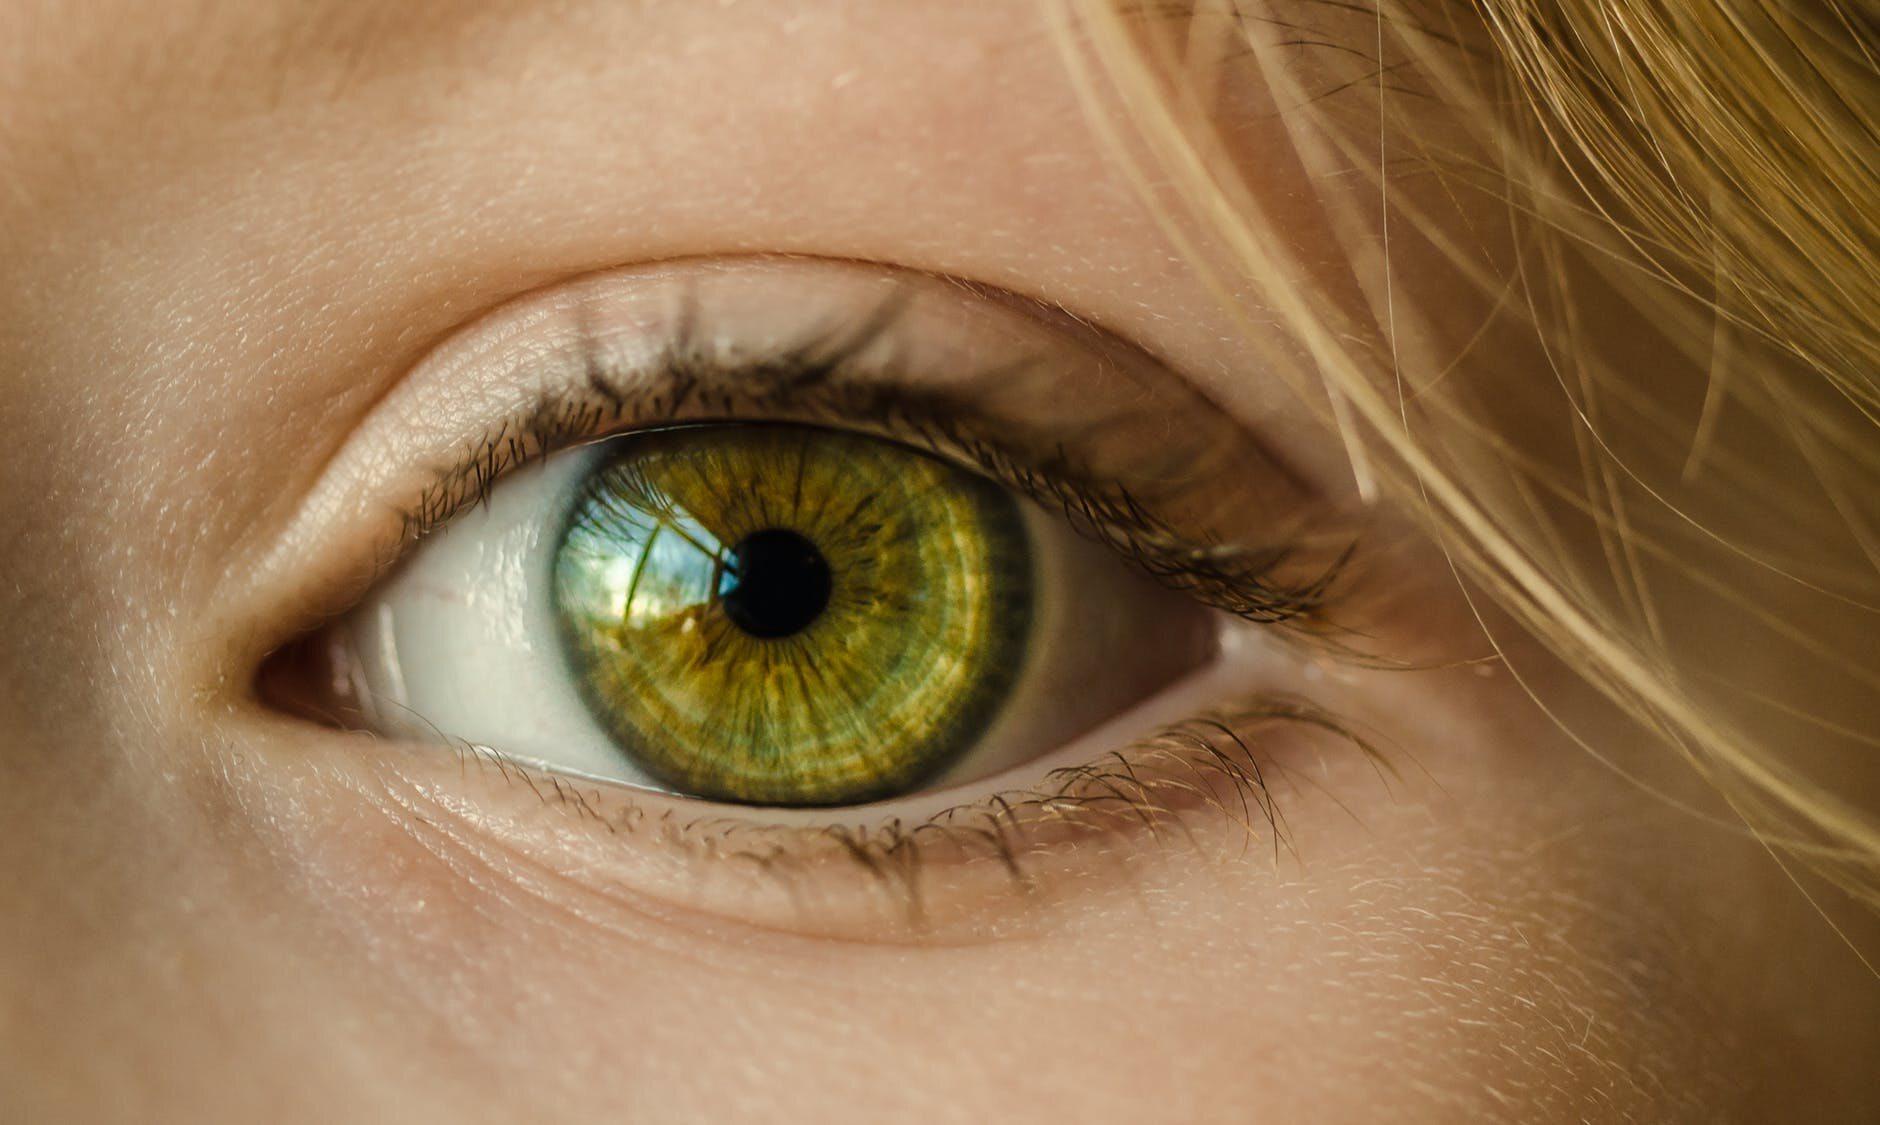 """Przez """"jej oczy zielone oszalał"""":"""